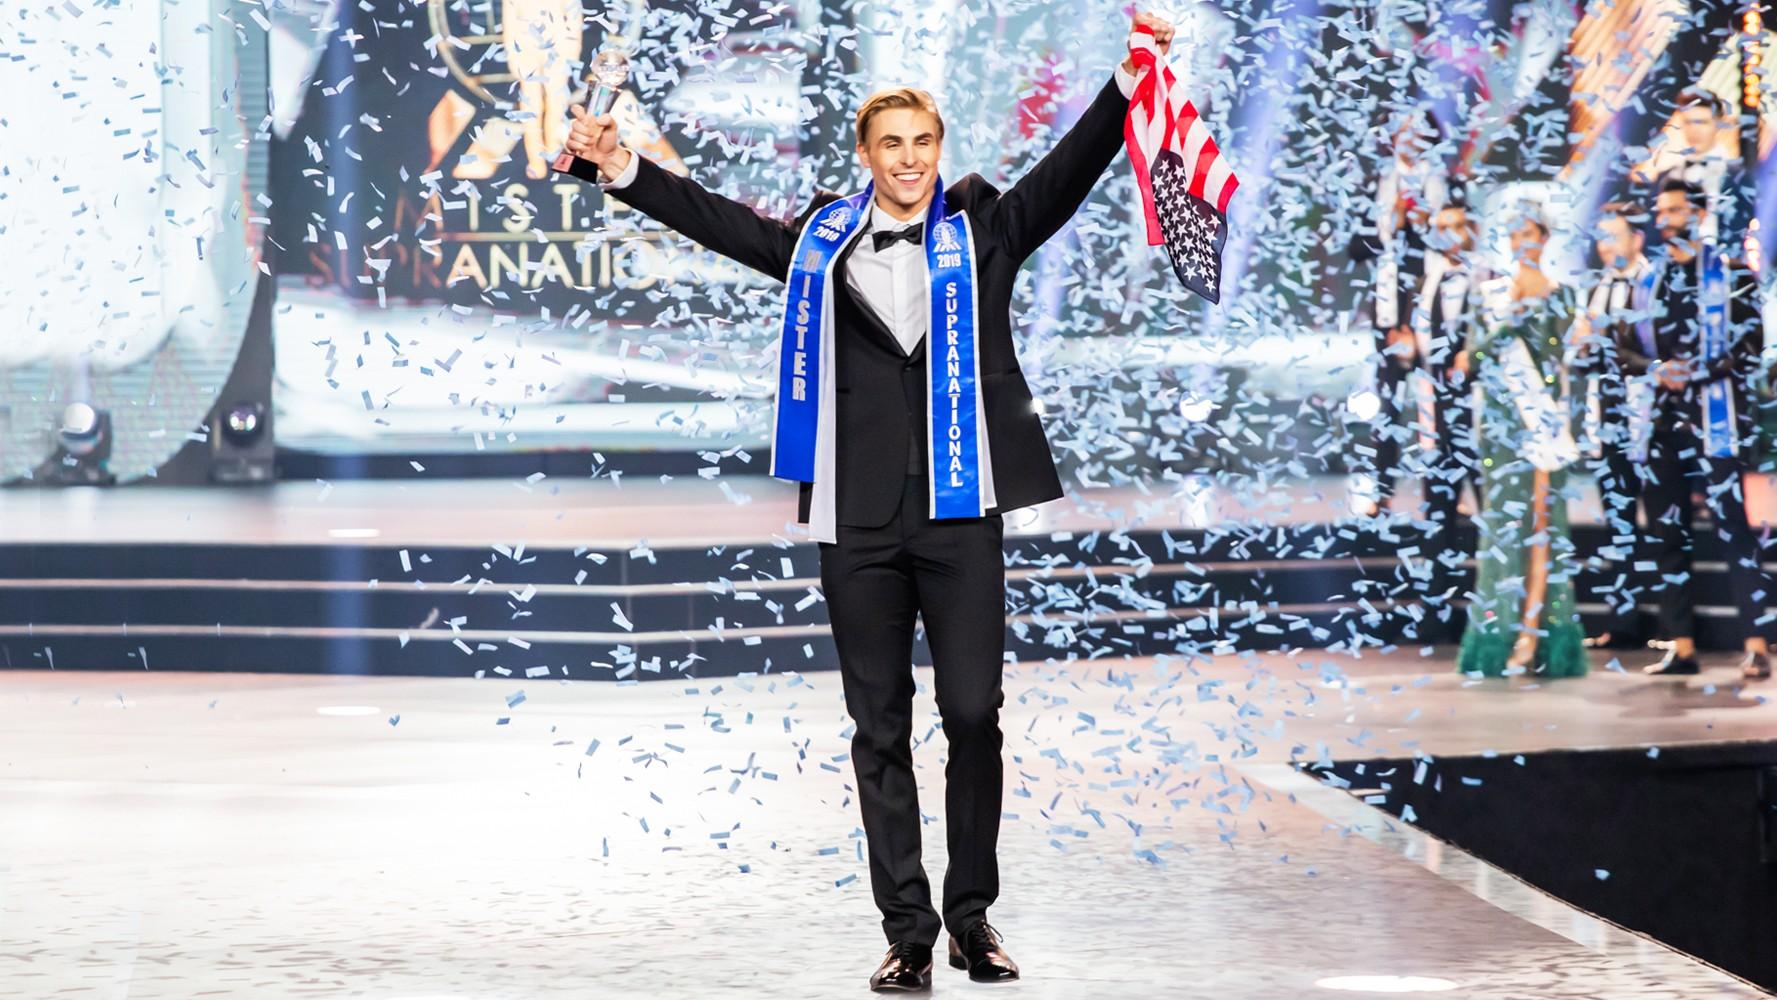 Już wiemy, kto zdobył tytuł Mister Supranational 2019! - Polsat.pl